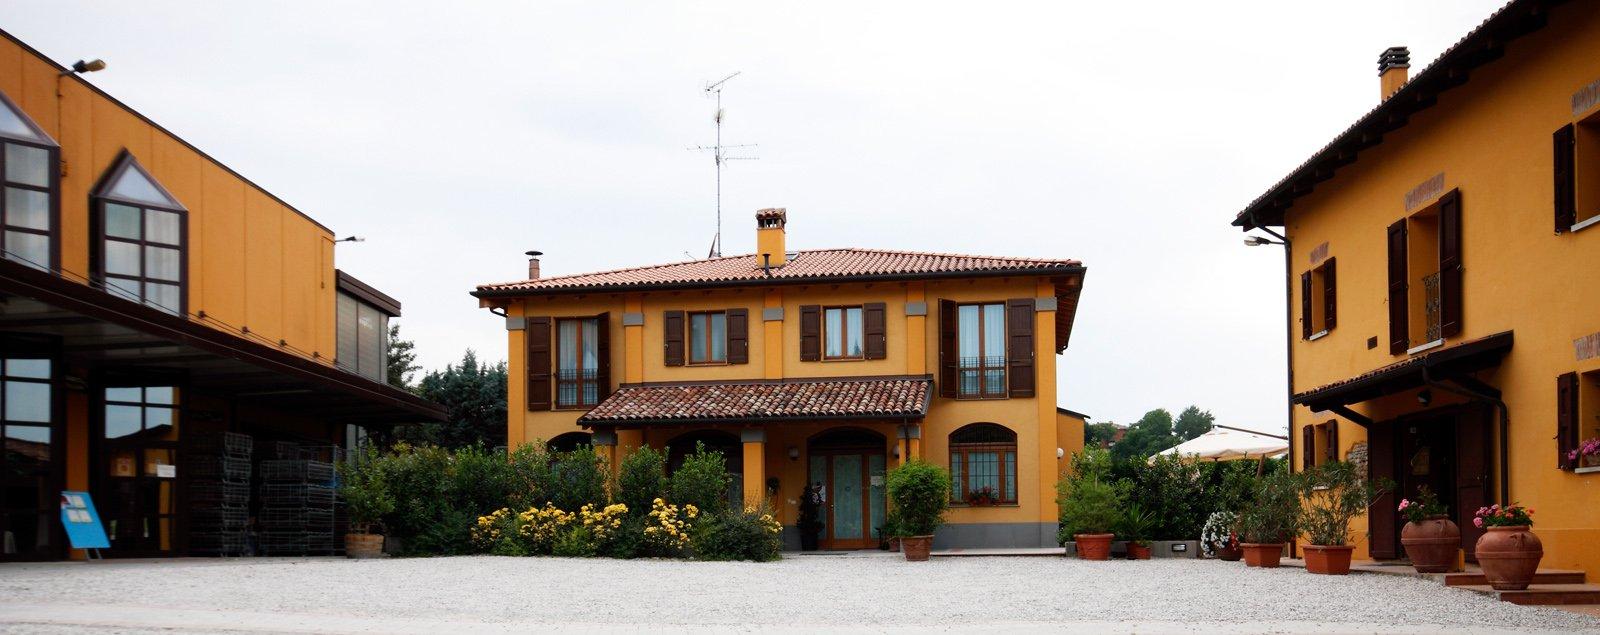 Ingresso Agriturismo Borgo delle Vigne sui colli bolognesi